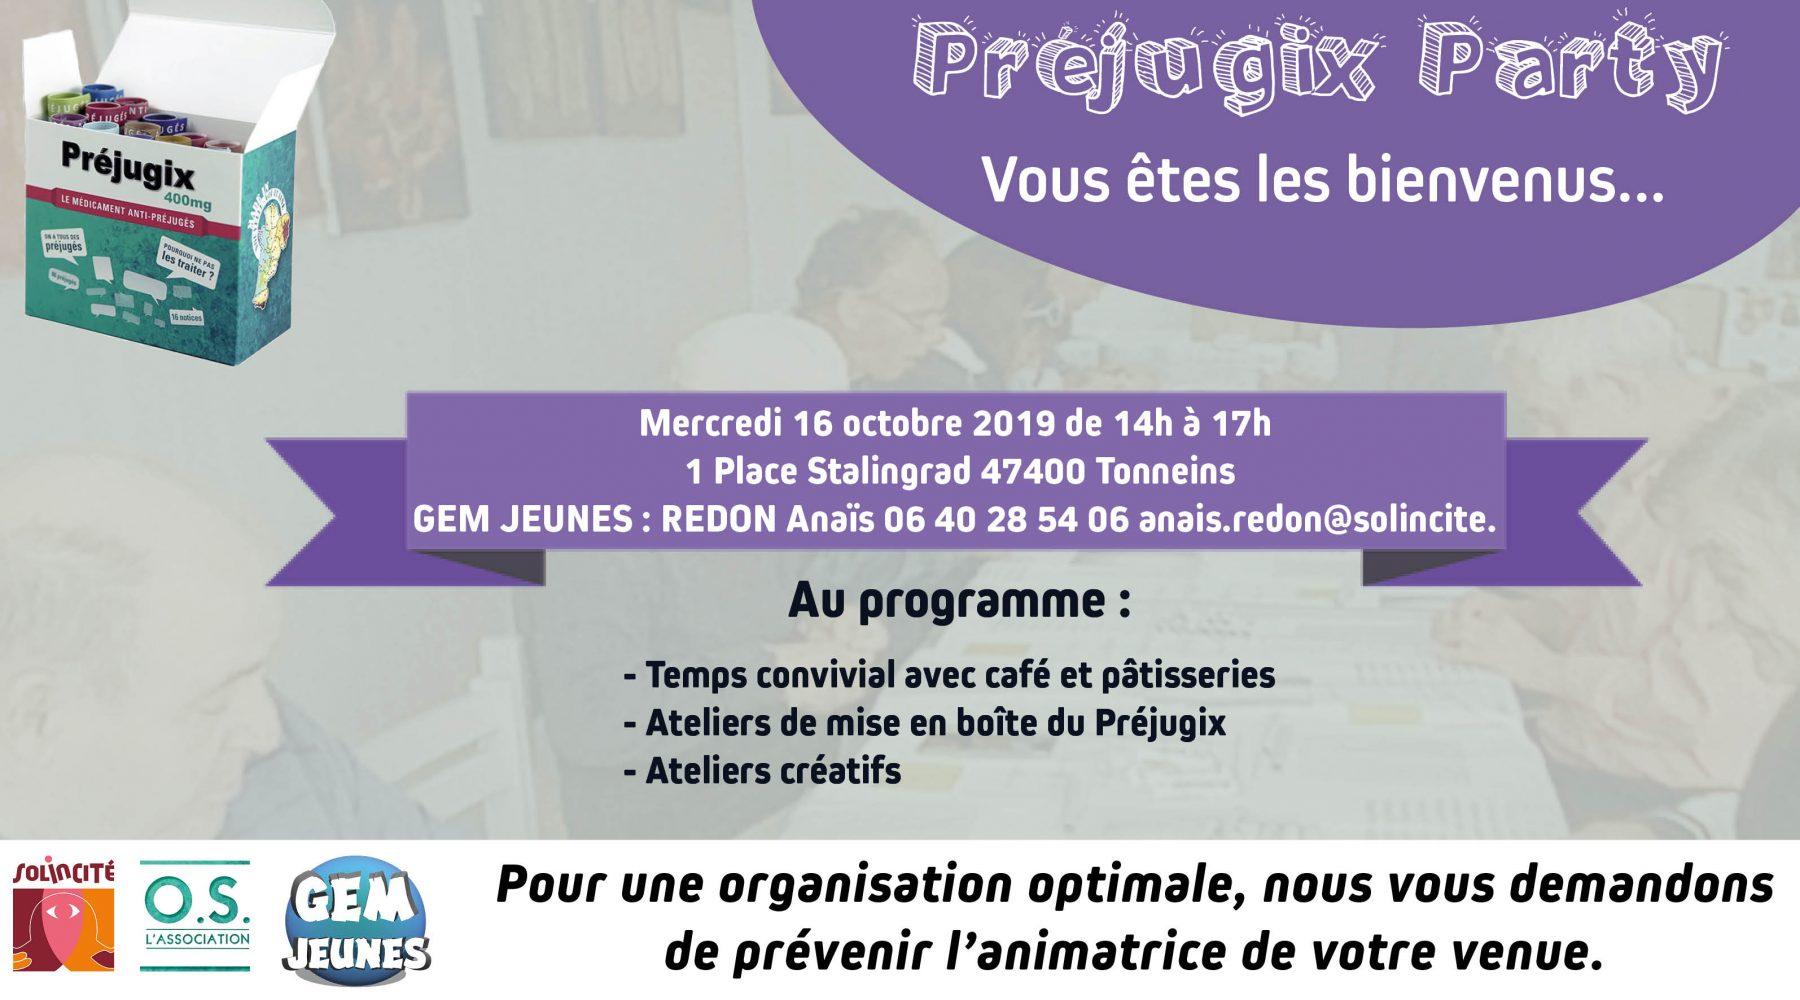 PREJUGIX PARTY – 16 Octobre 2019